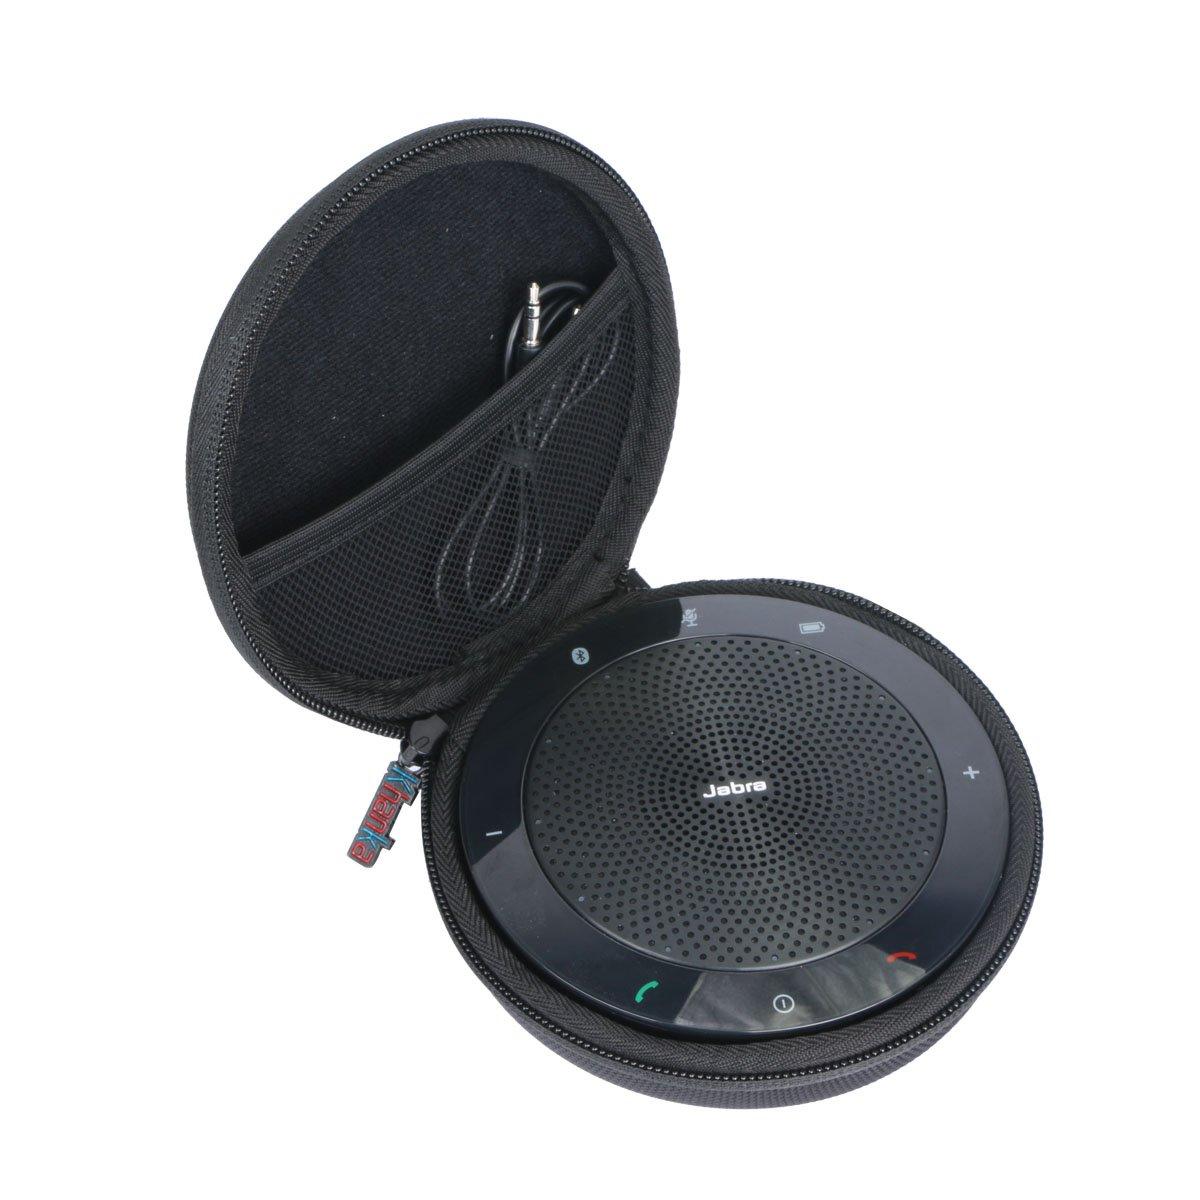 Hard Case for Jabra Speak 510 Wireless Bluetooth Speaker by Khanka by Khanka